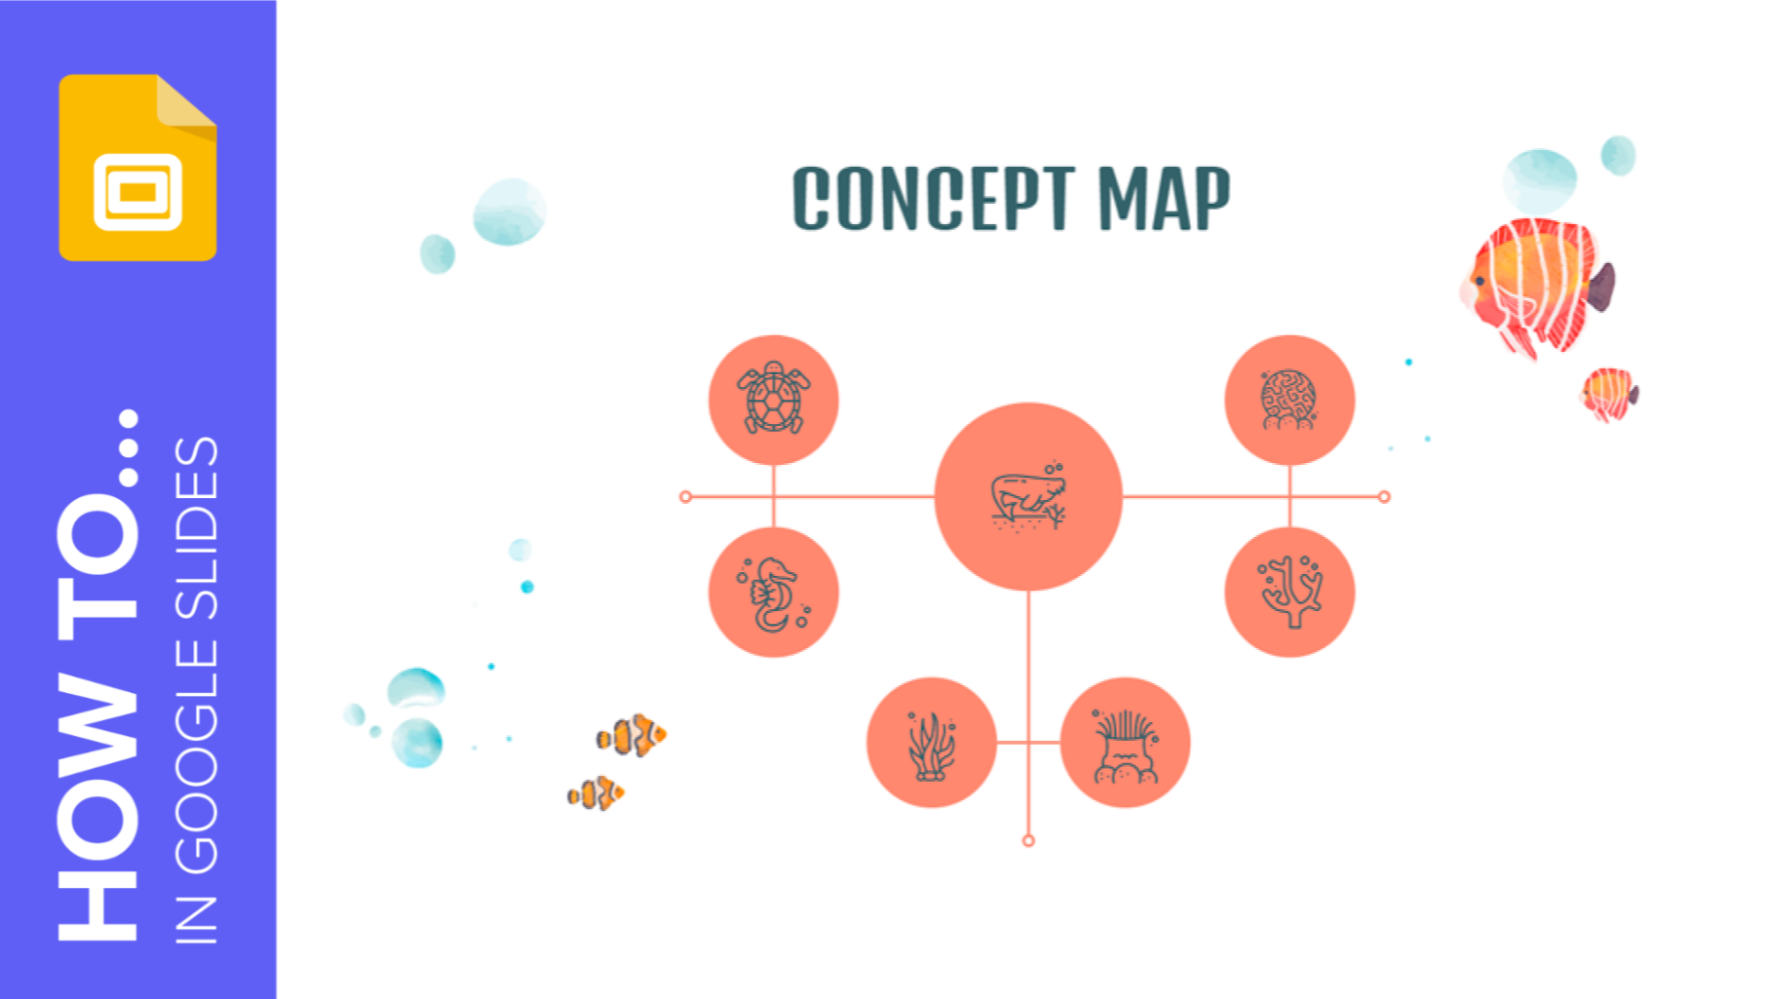 How to Make a Concept Map in Google Slides | Schnelle Tipps & Tutorials für deine Präsentationen